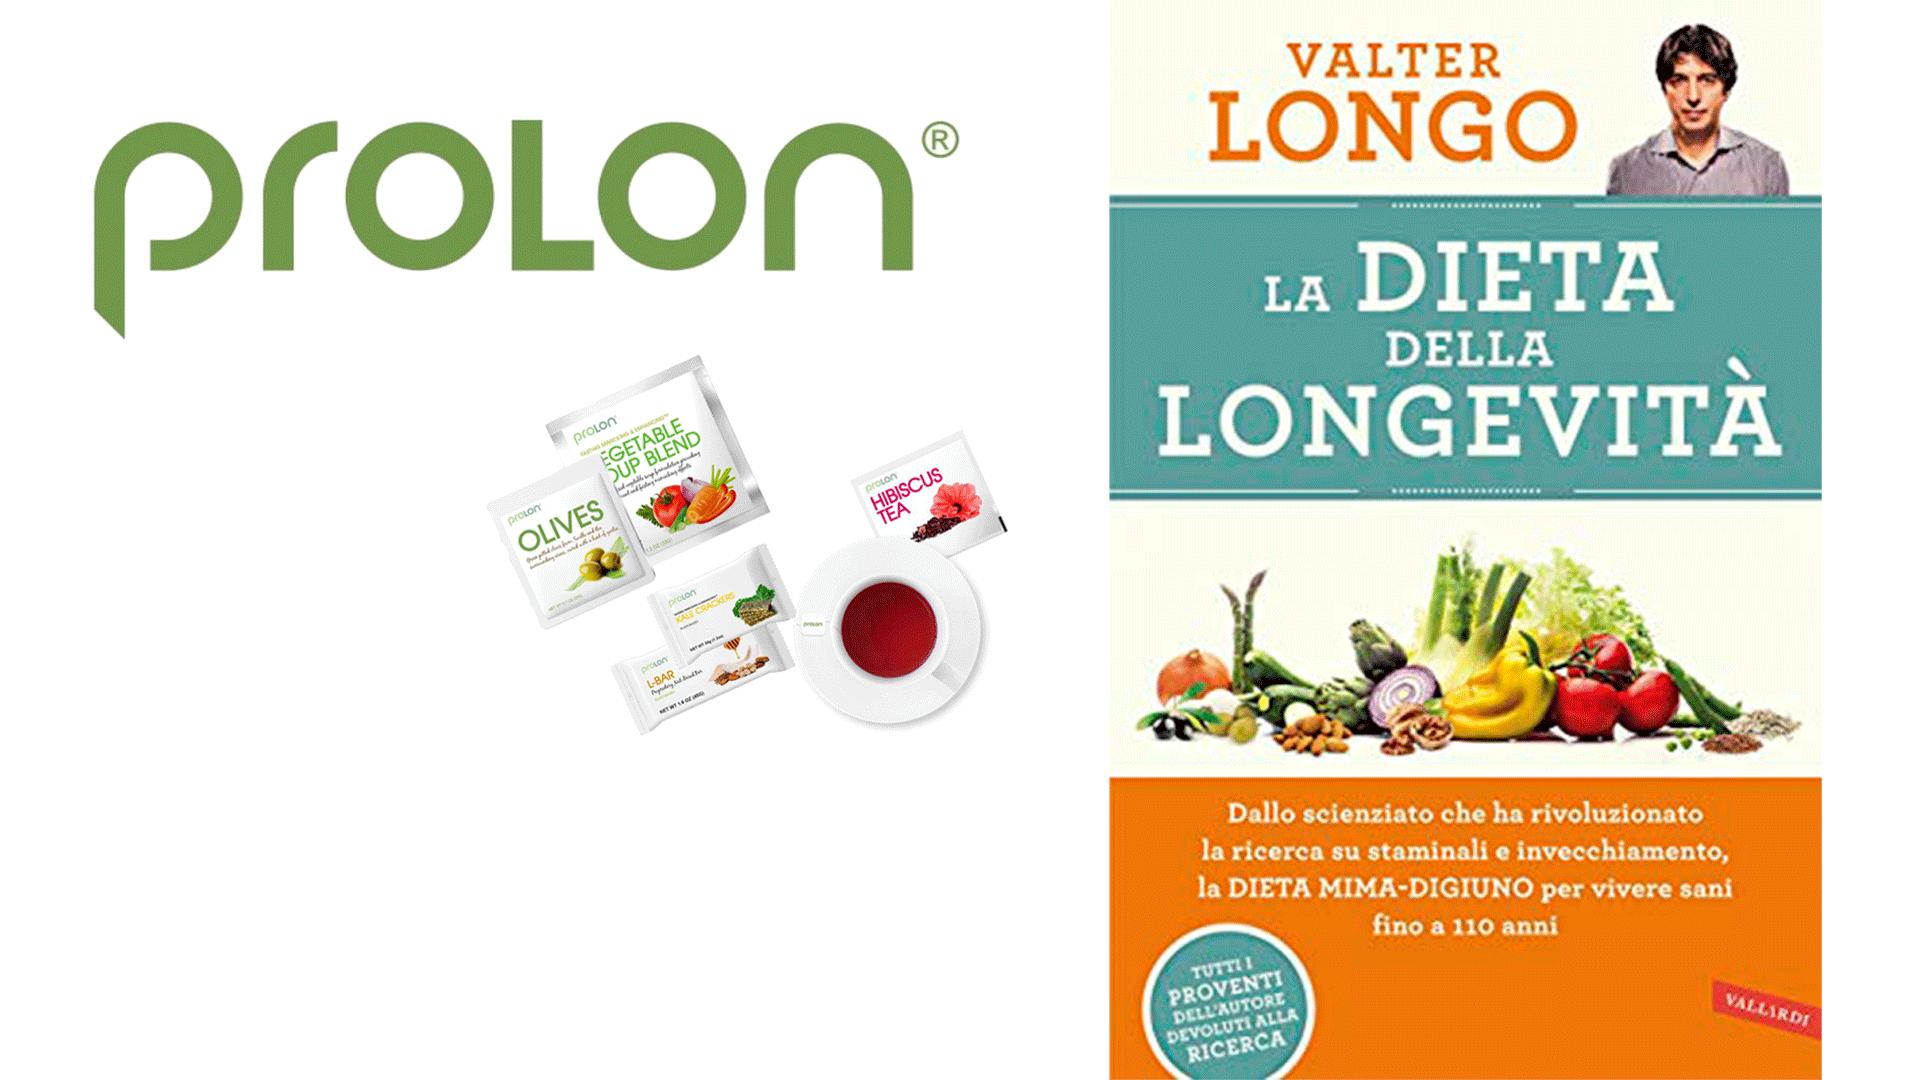 prolon dieta mima digiuno dieta 5 giorni perdere peso dimagrimento detox rigenerazione cellulare